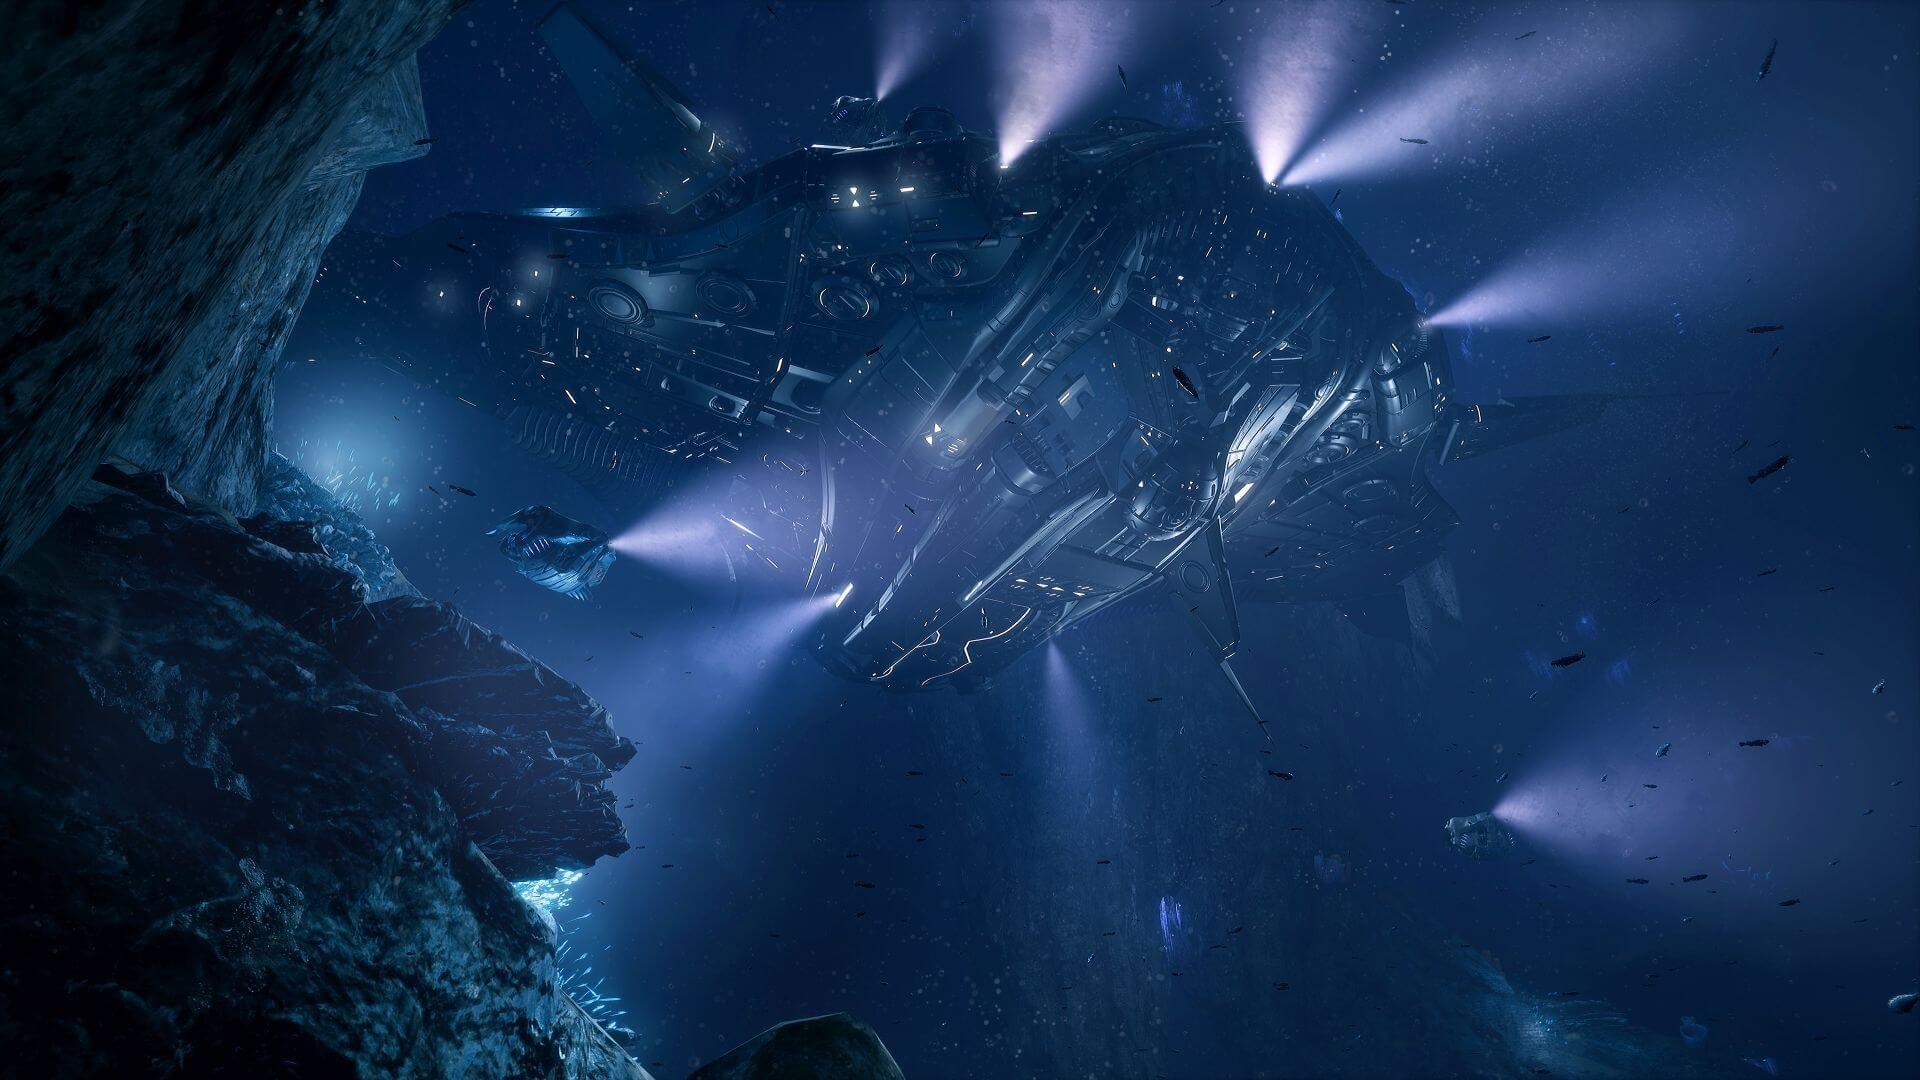 game aquanox deep descent wallpaper 72539